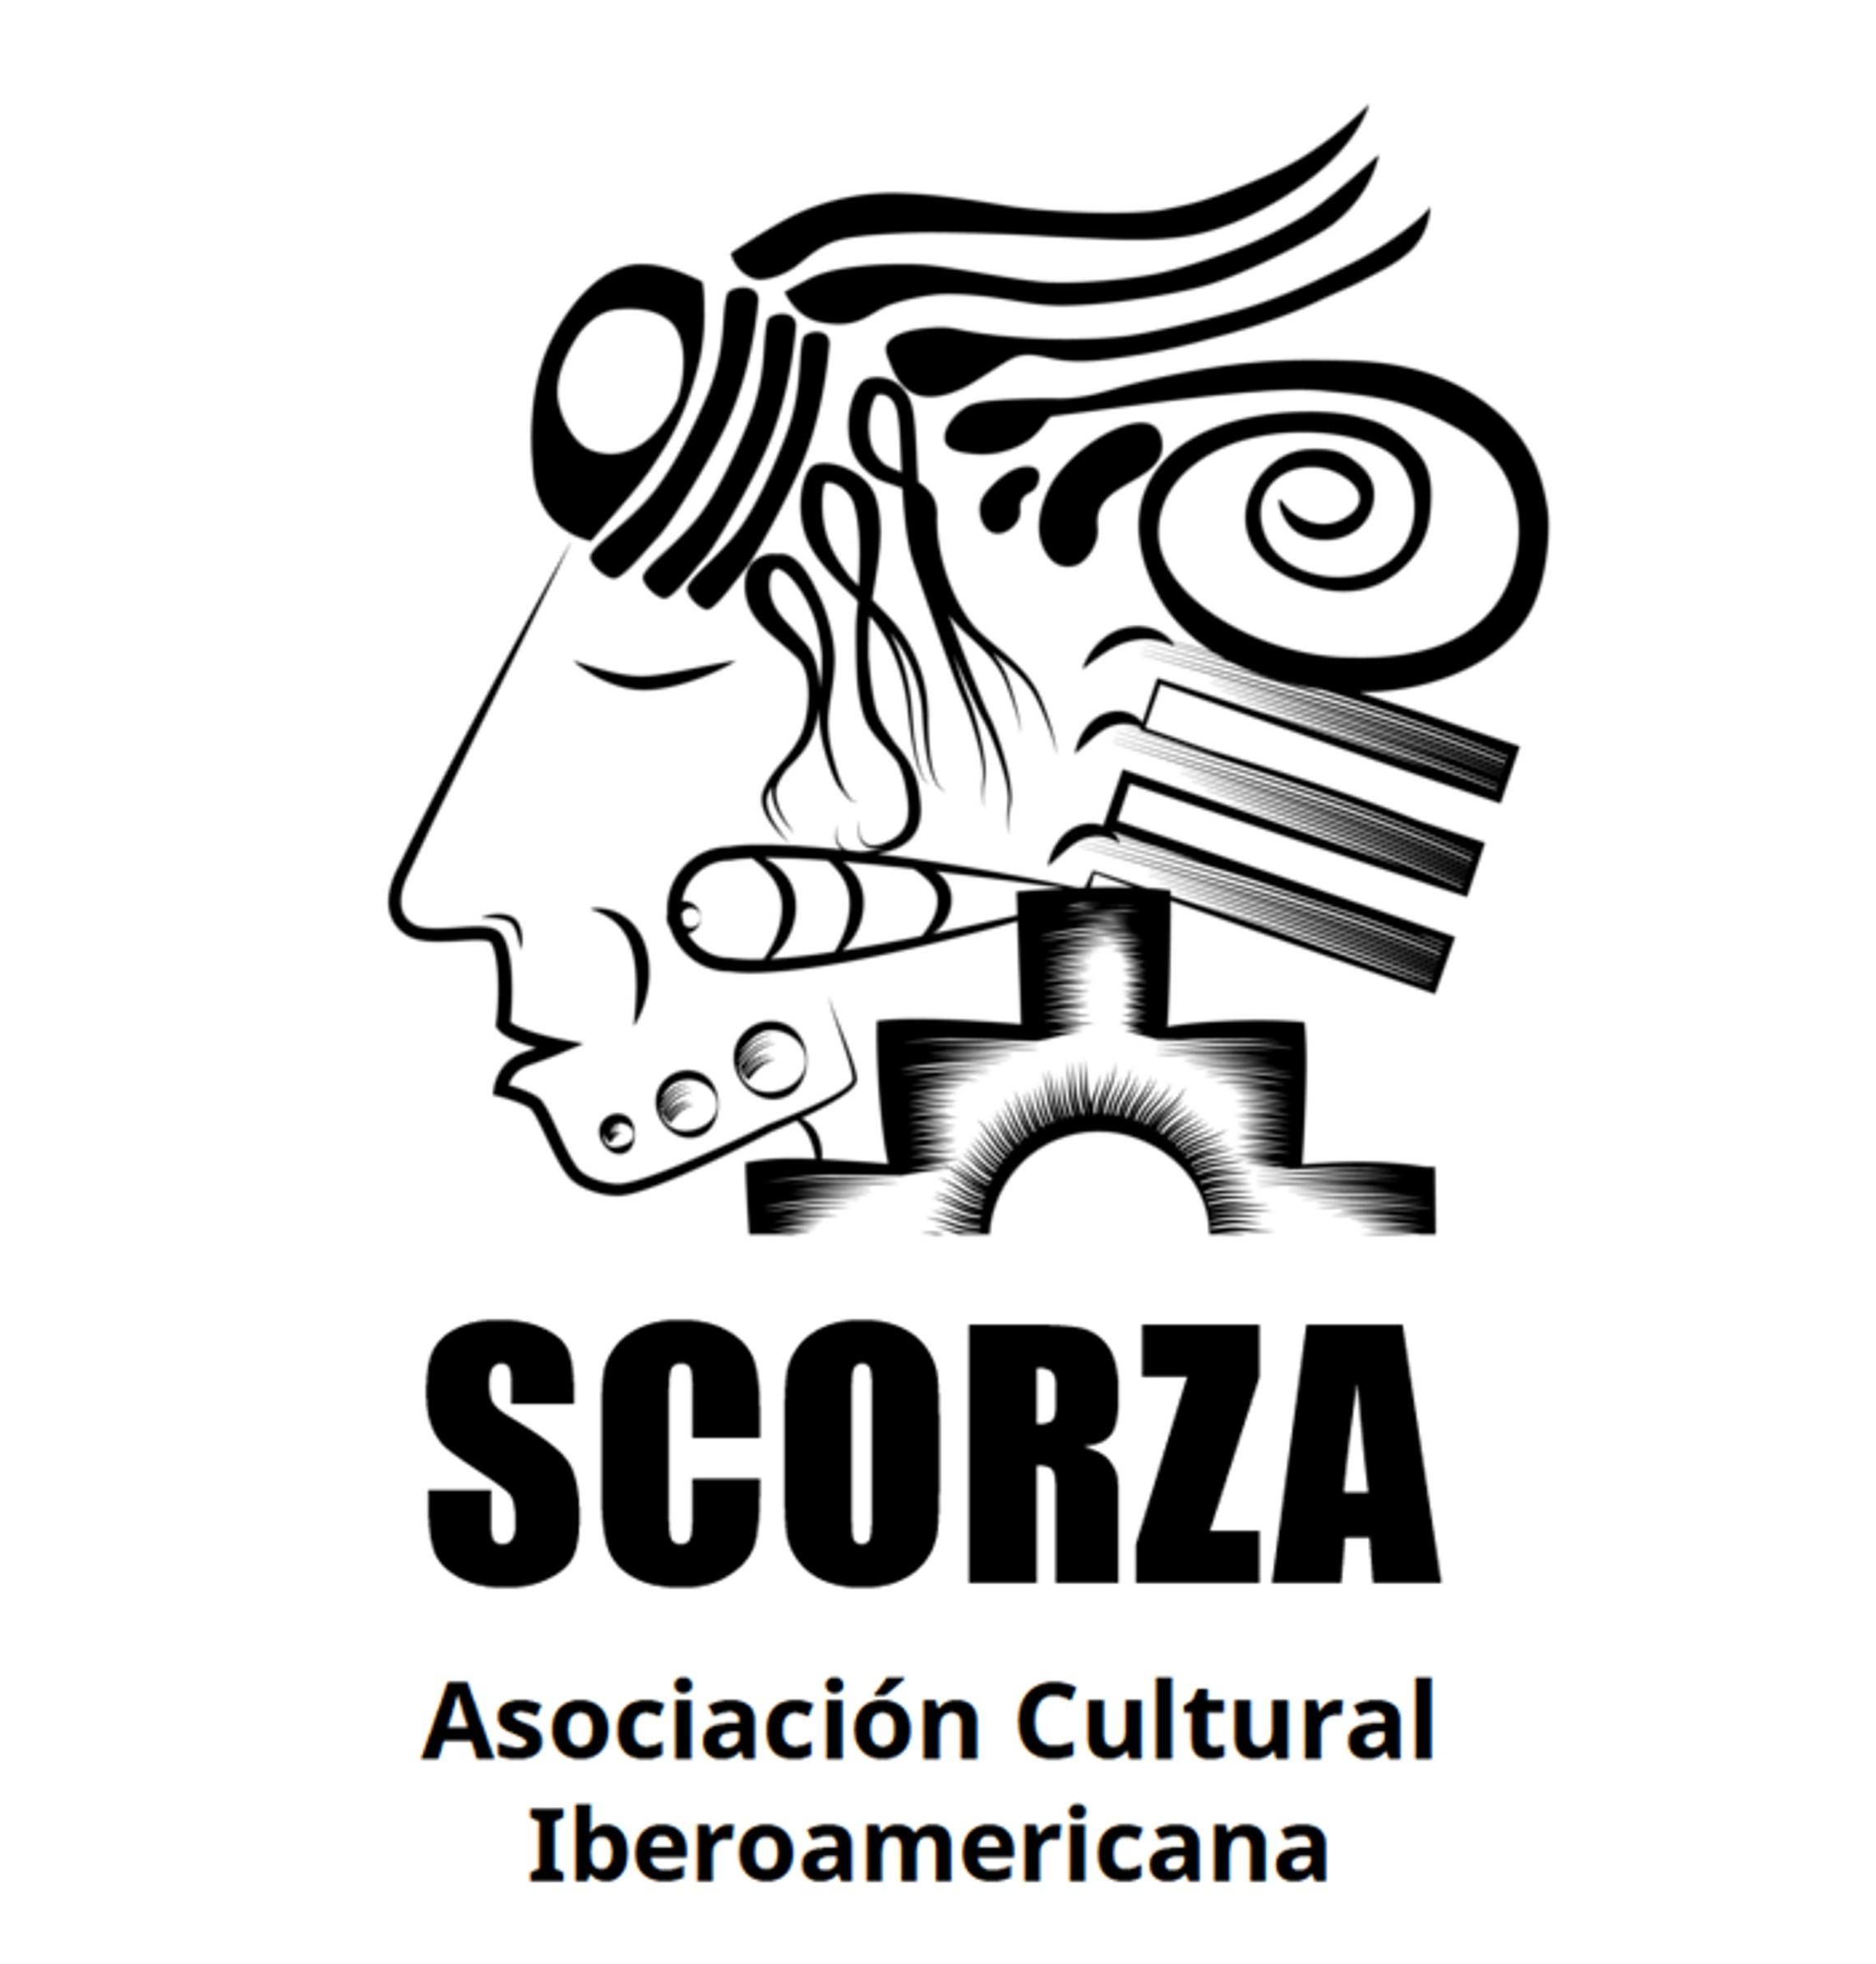 Asociación Cultural Iberoamericana SCORZA